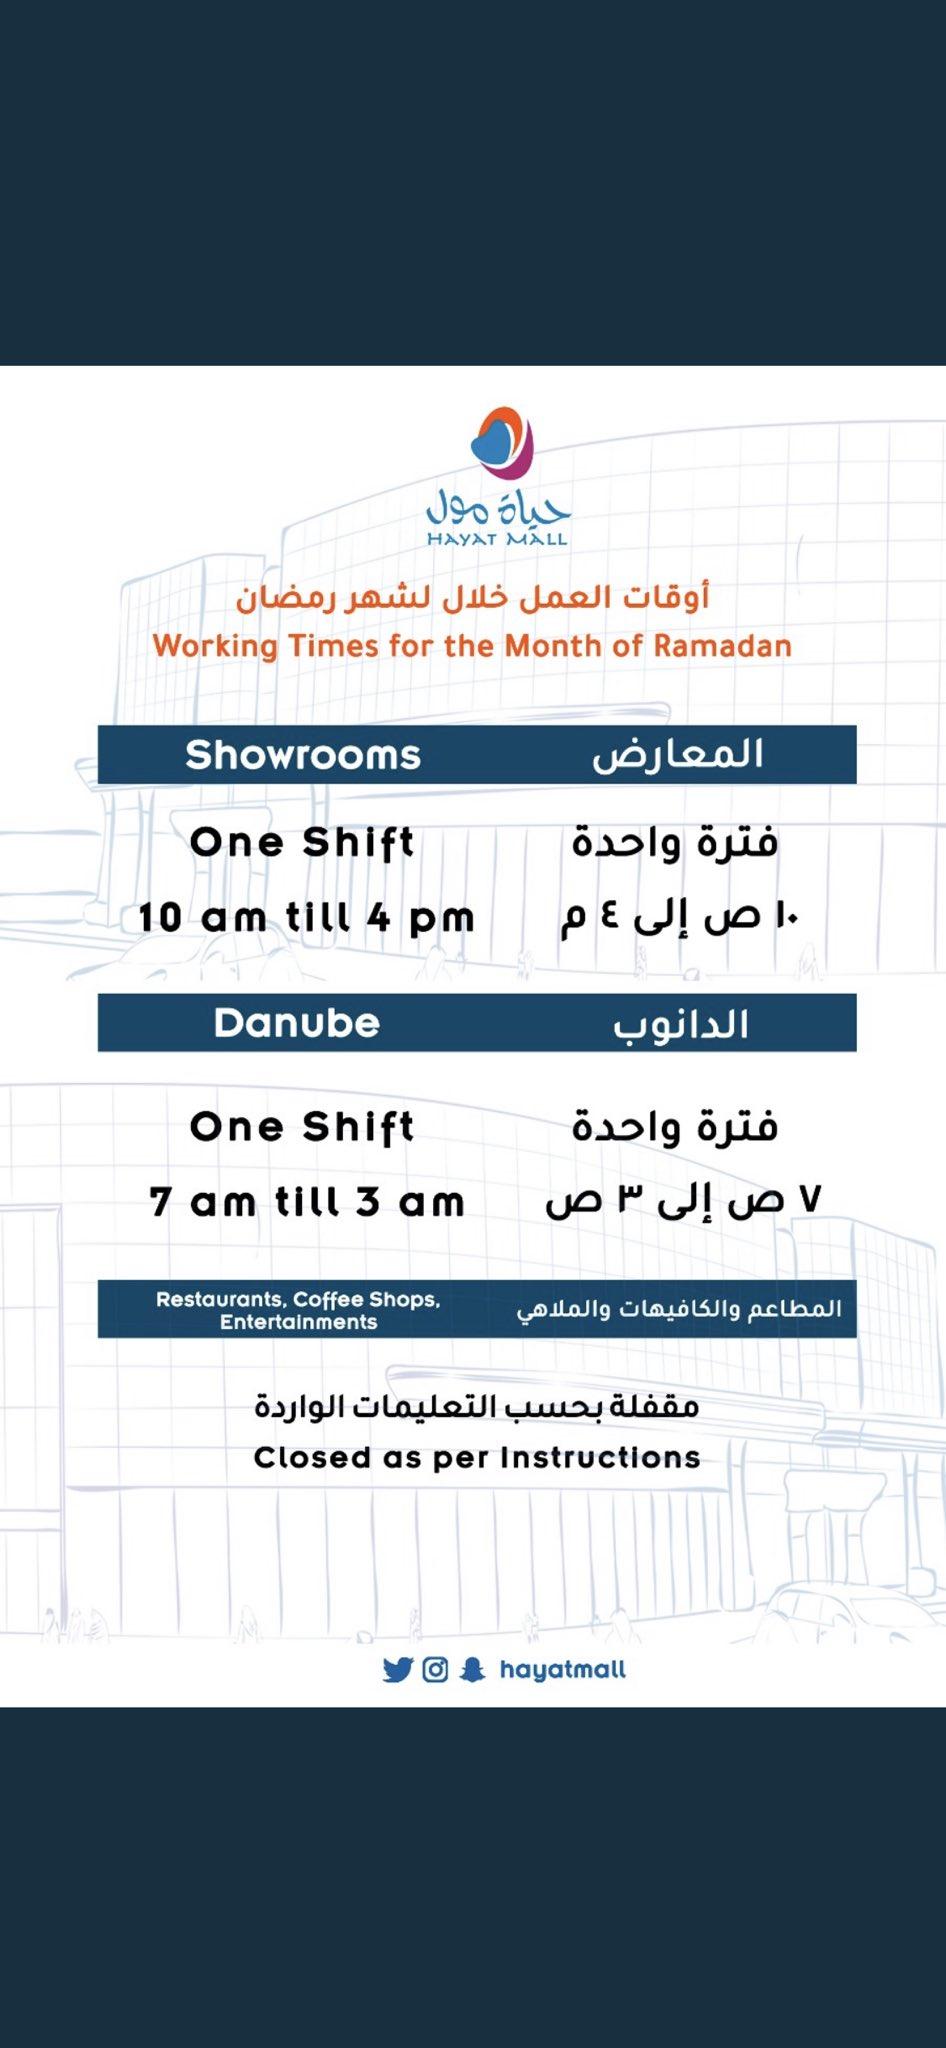 النخيل مول الرياض اوقات العمل في رمضان